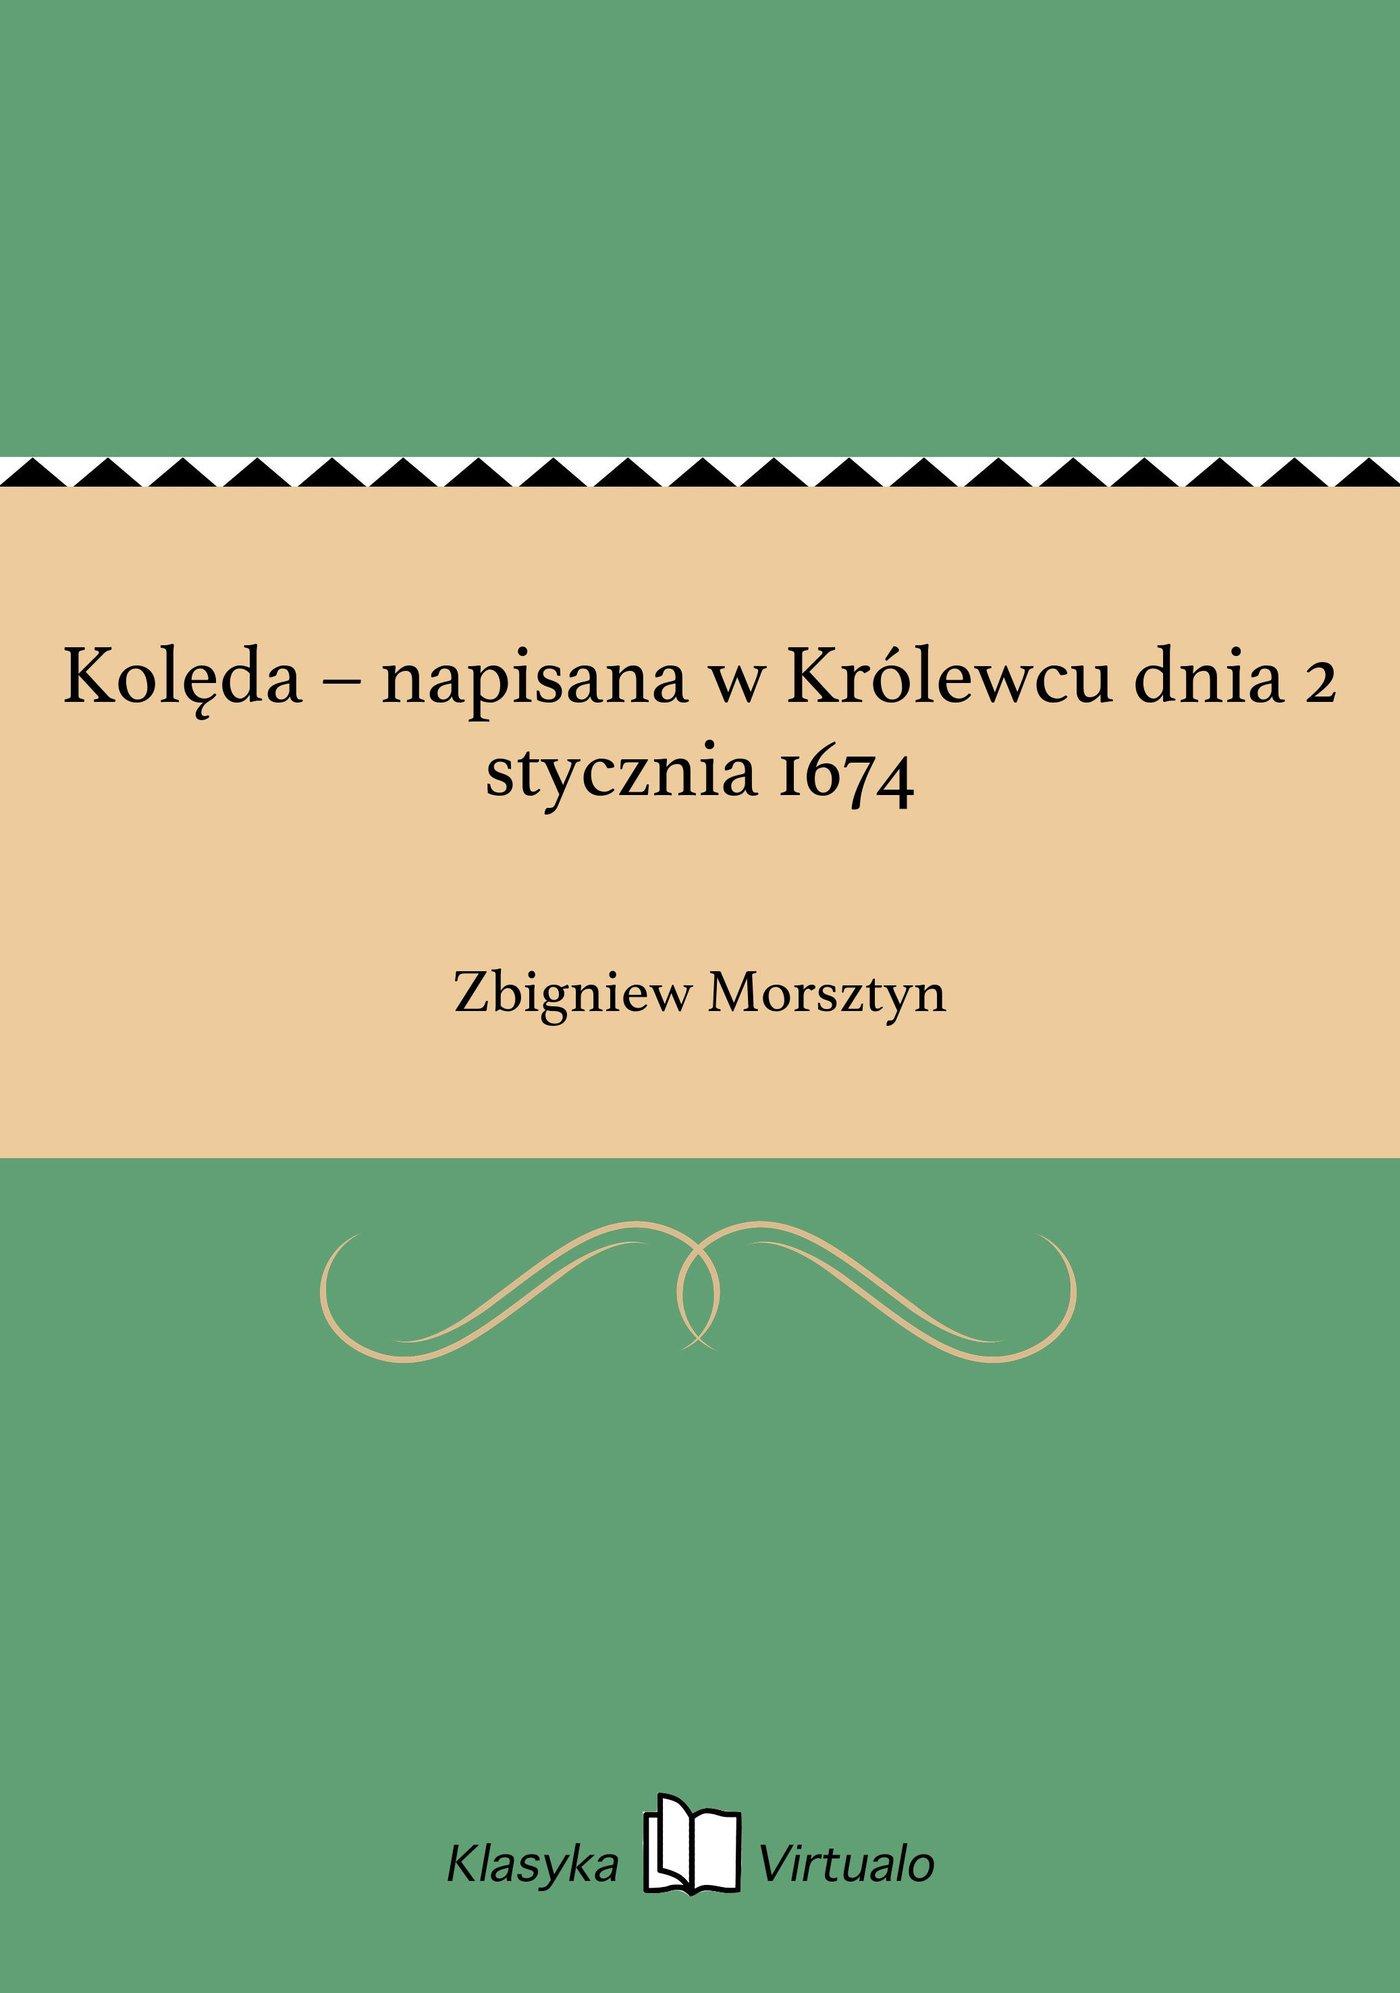 Kolęda – napisana w Królewcu dnia 2 stycznia 1674 - Ebook (Książka EPUB) do pobrania w formacie EPUB